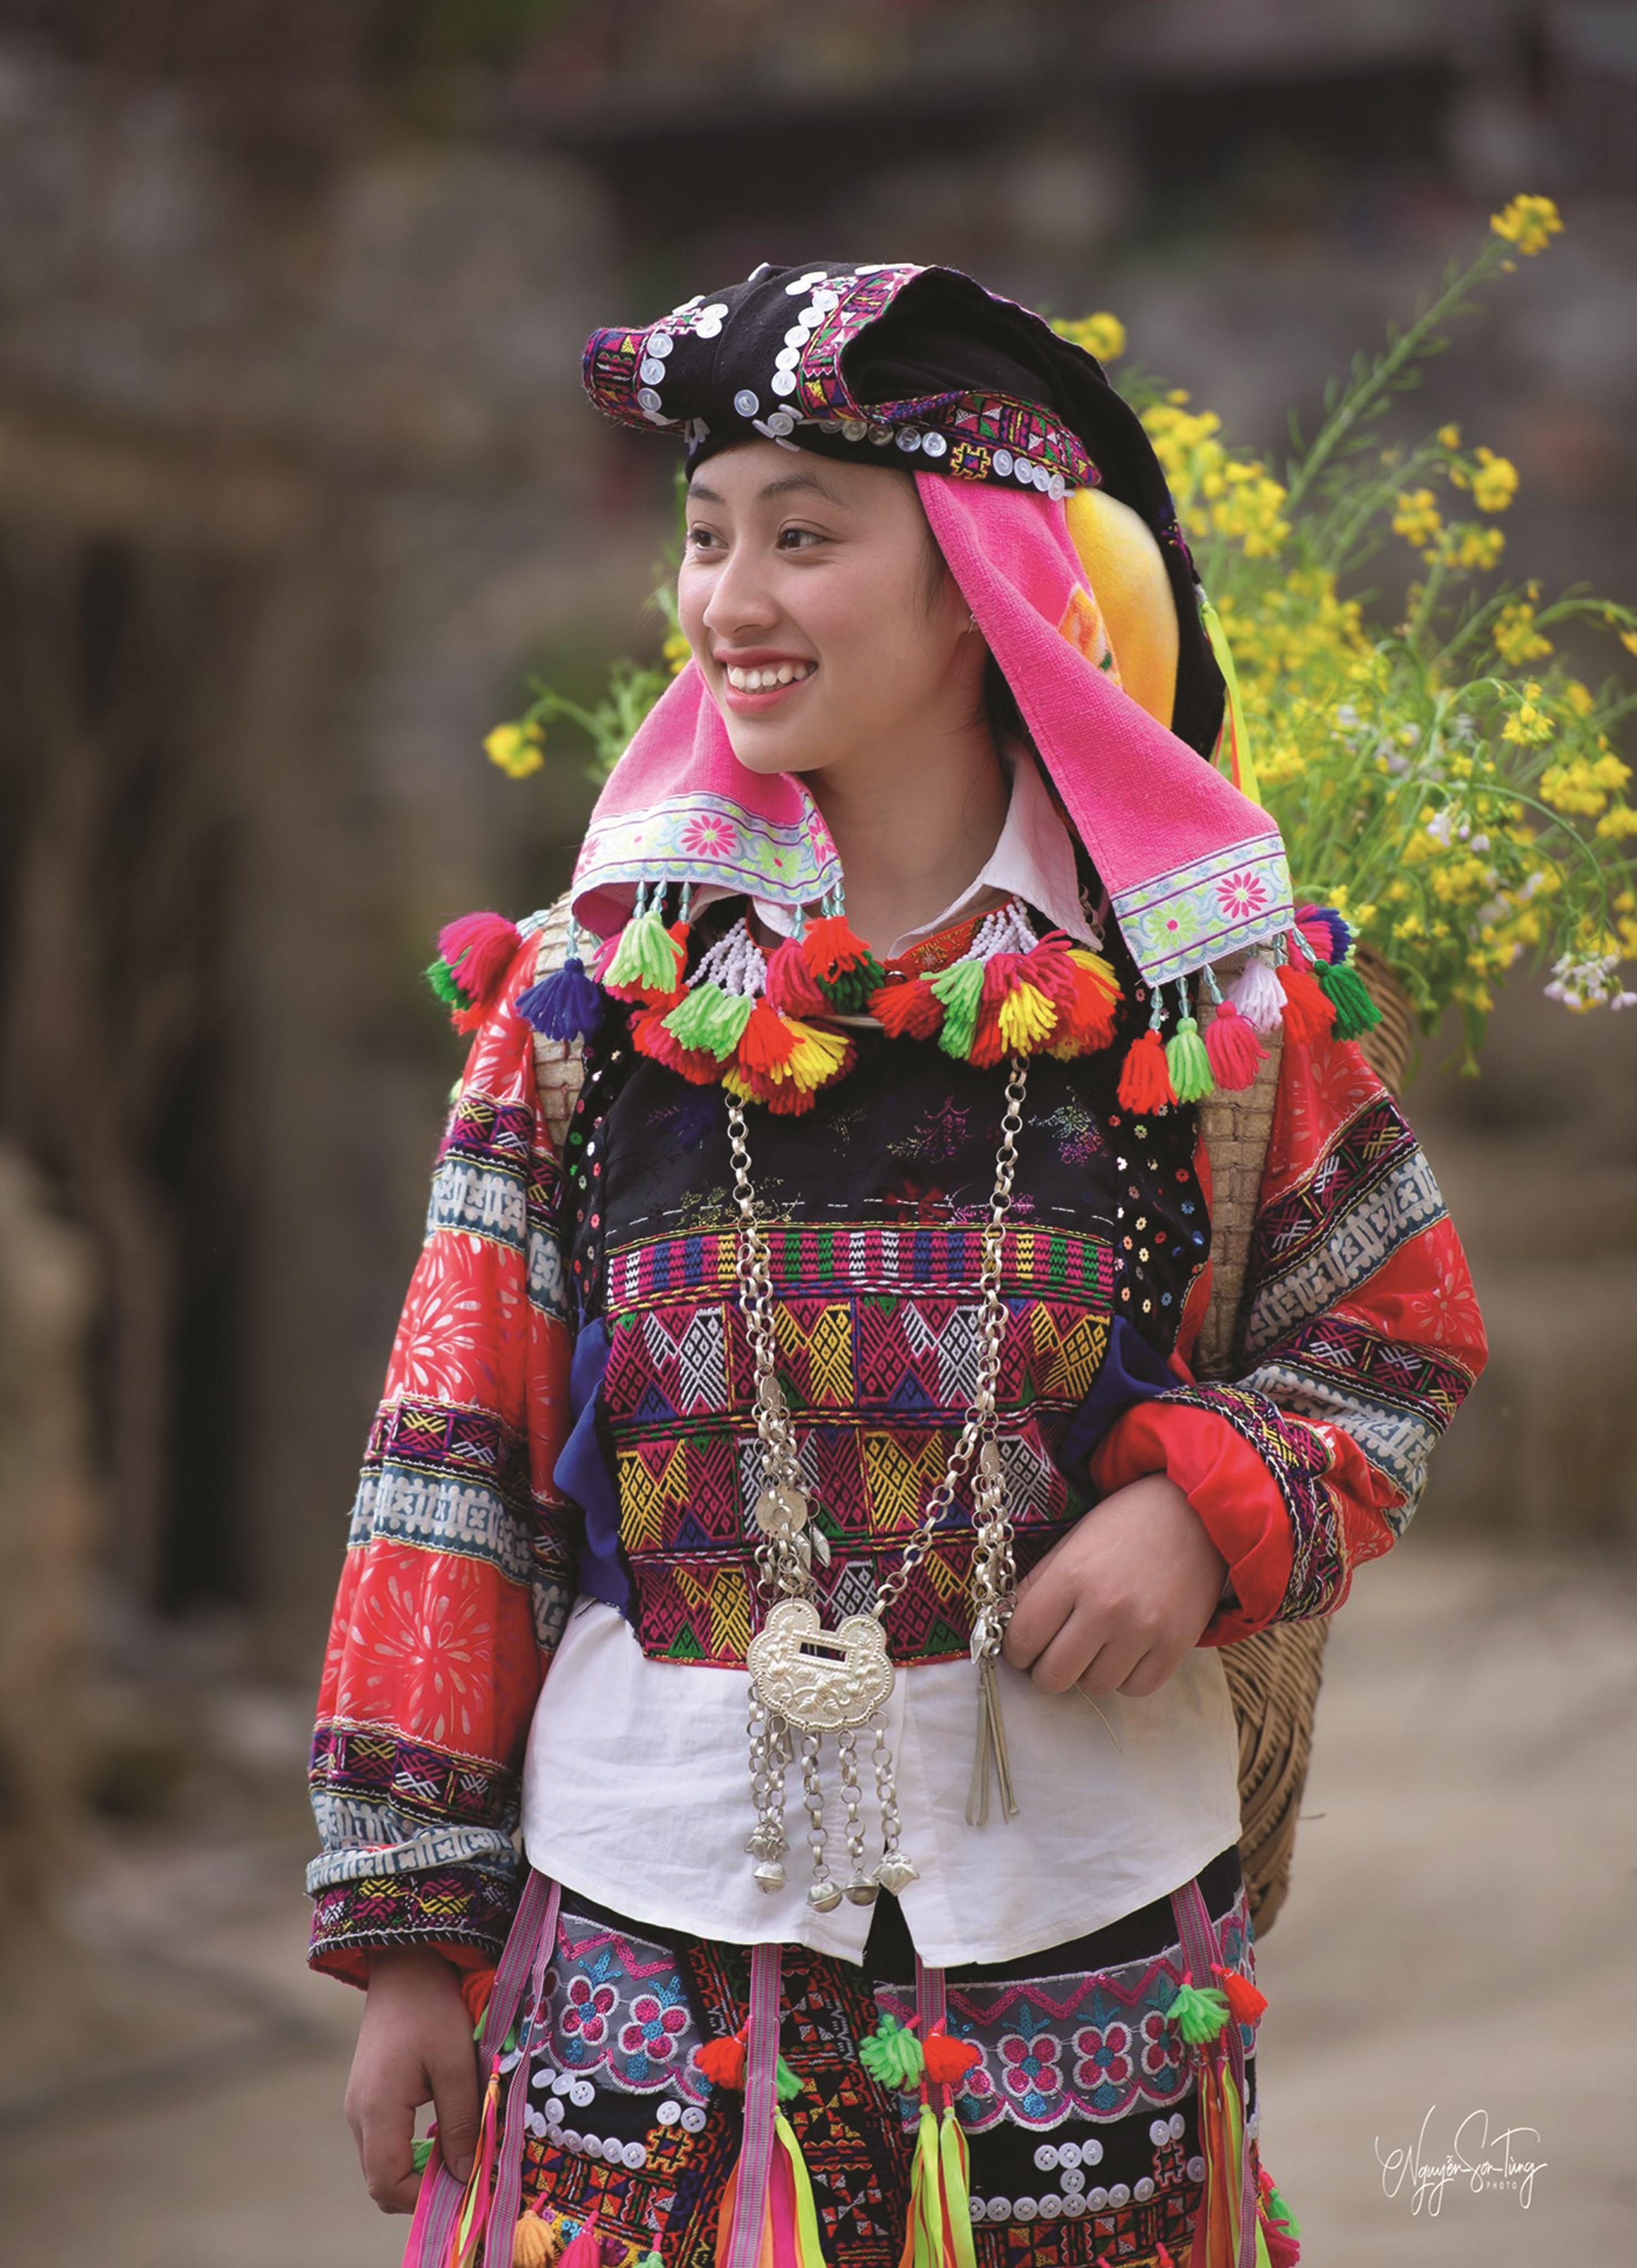 Mùa Xuân trên gương mặt thiếu nữ dân tộc Lô Lô